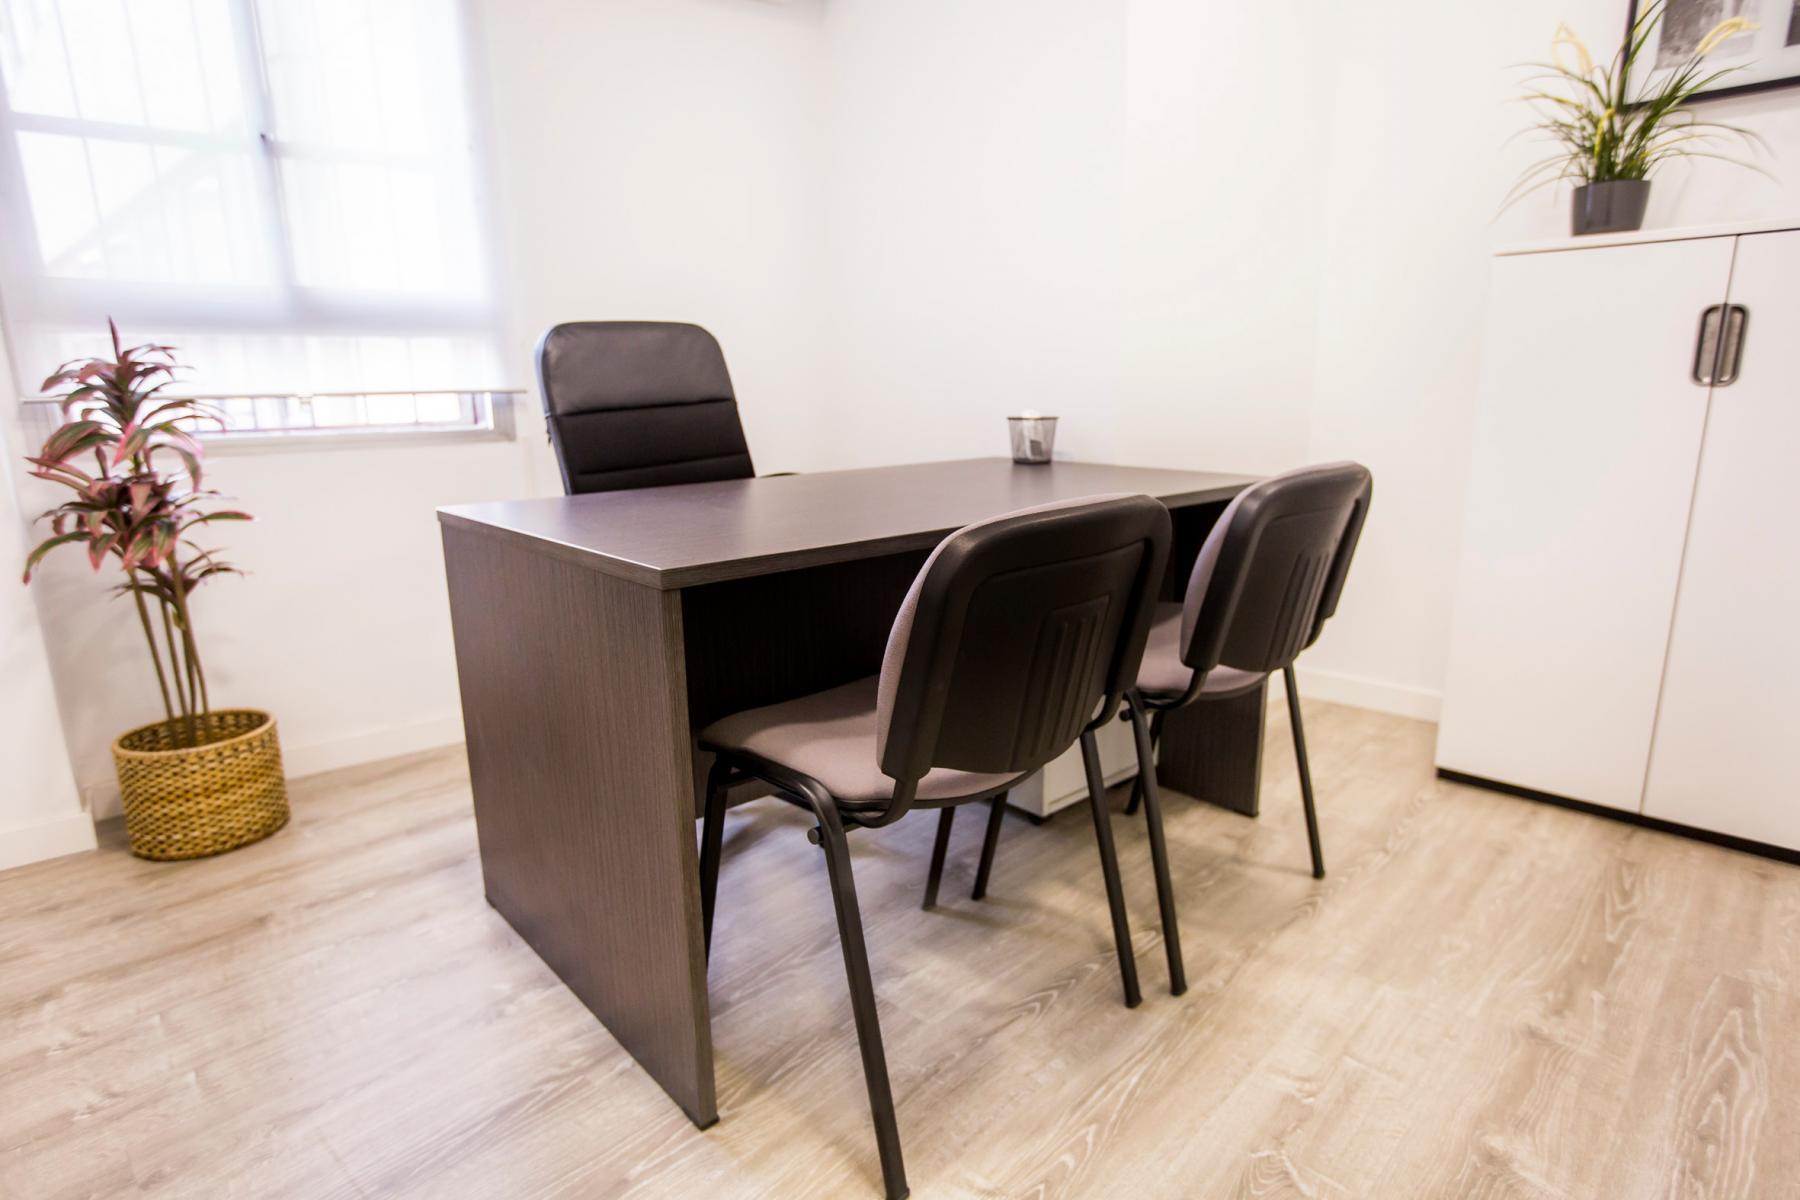 Alquilar oficinas Plaza de José Moreno Villa 2, Madrid (10)